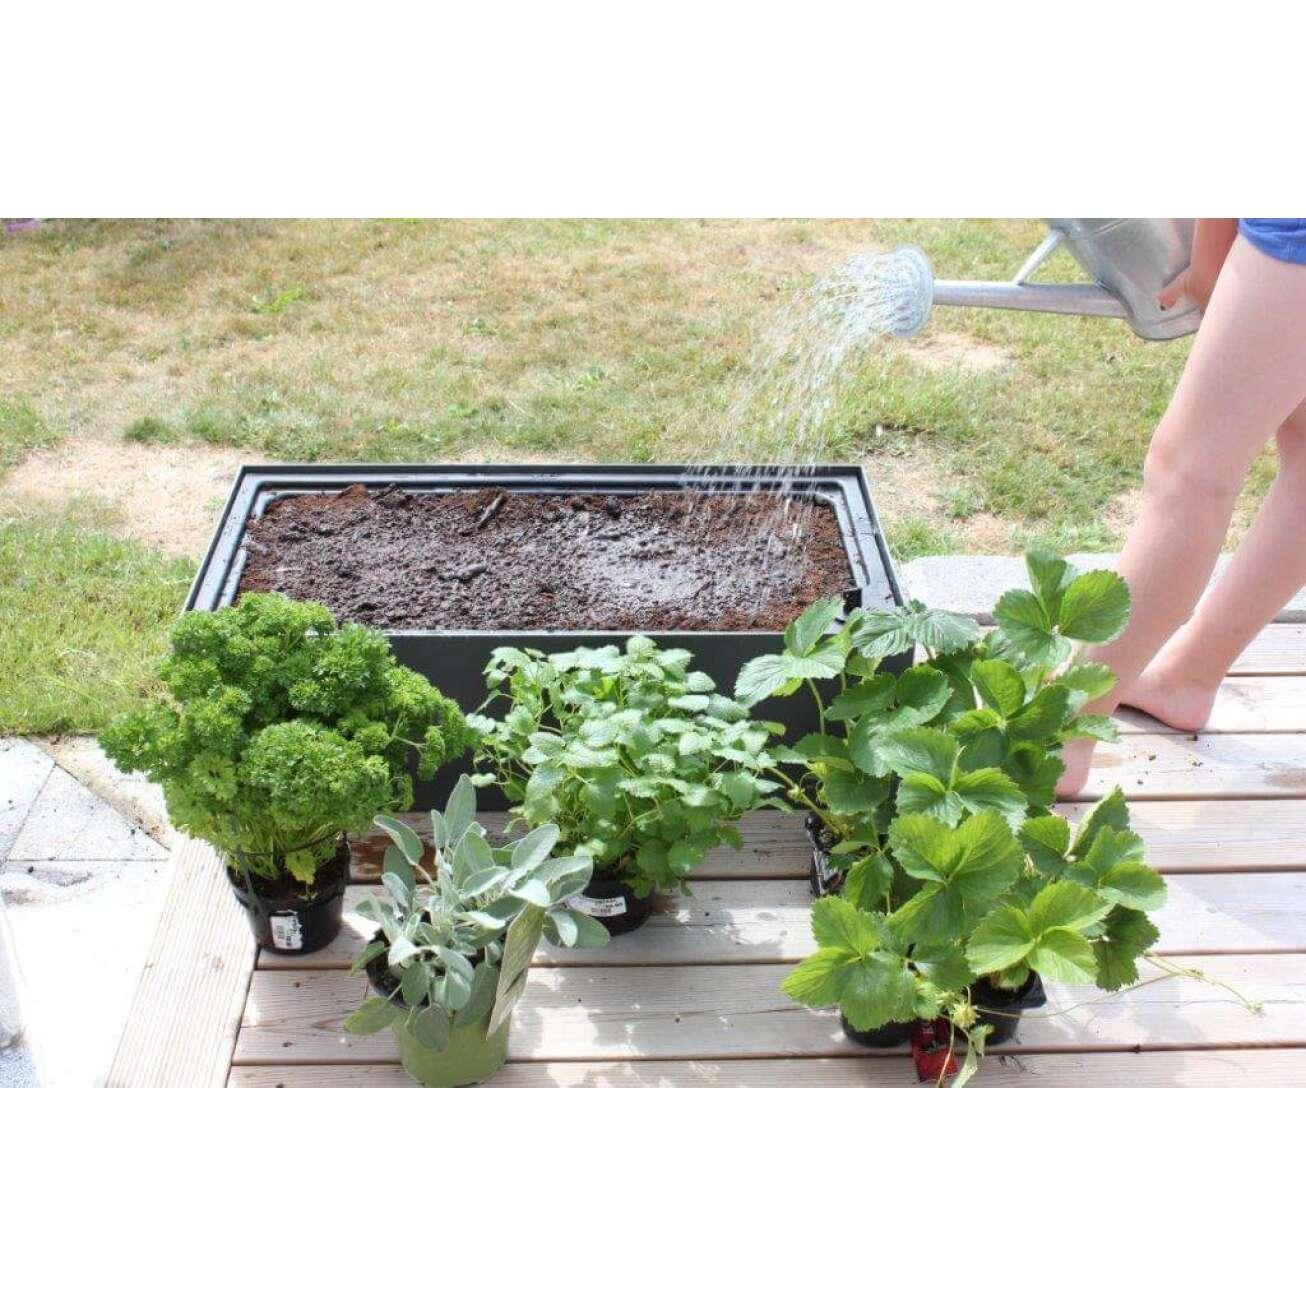 Fem potter med forskjellige krydder og planter og en dame som vanner jord i plantekasse